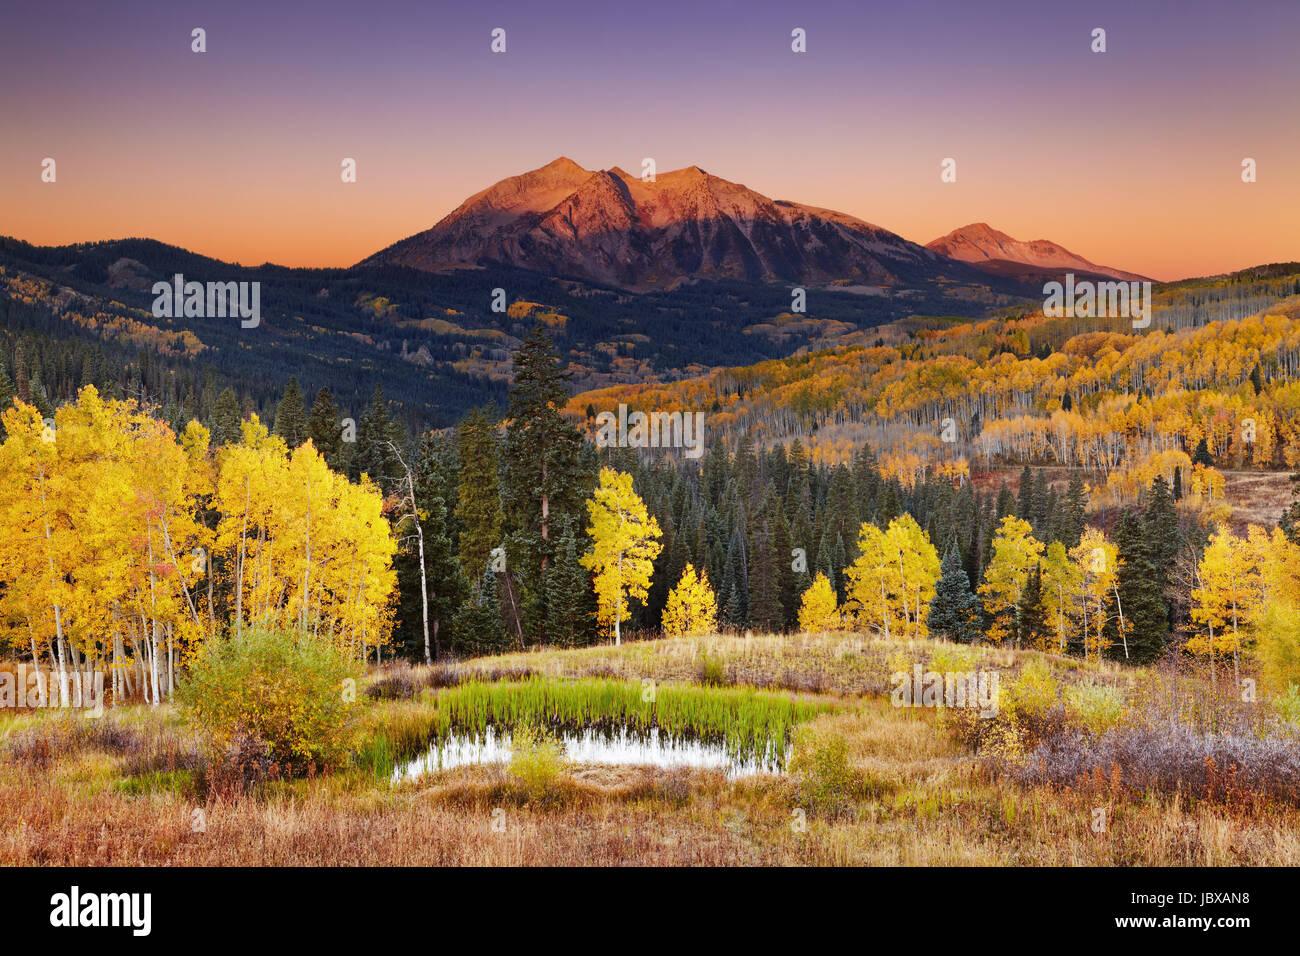 Este Beckwith montaña cerca al amanecer Kebler Pass, en las montañas de West Elk Colorado, EE.UU. Imagen De Stock